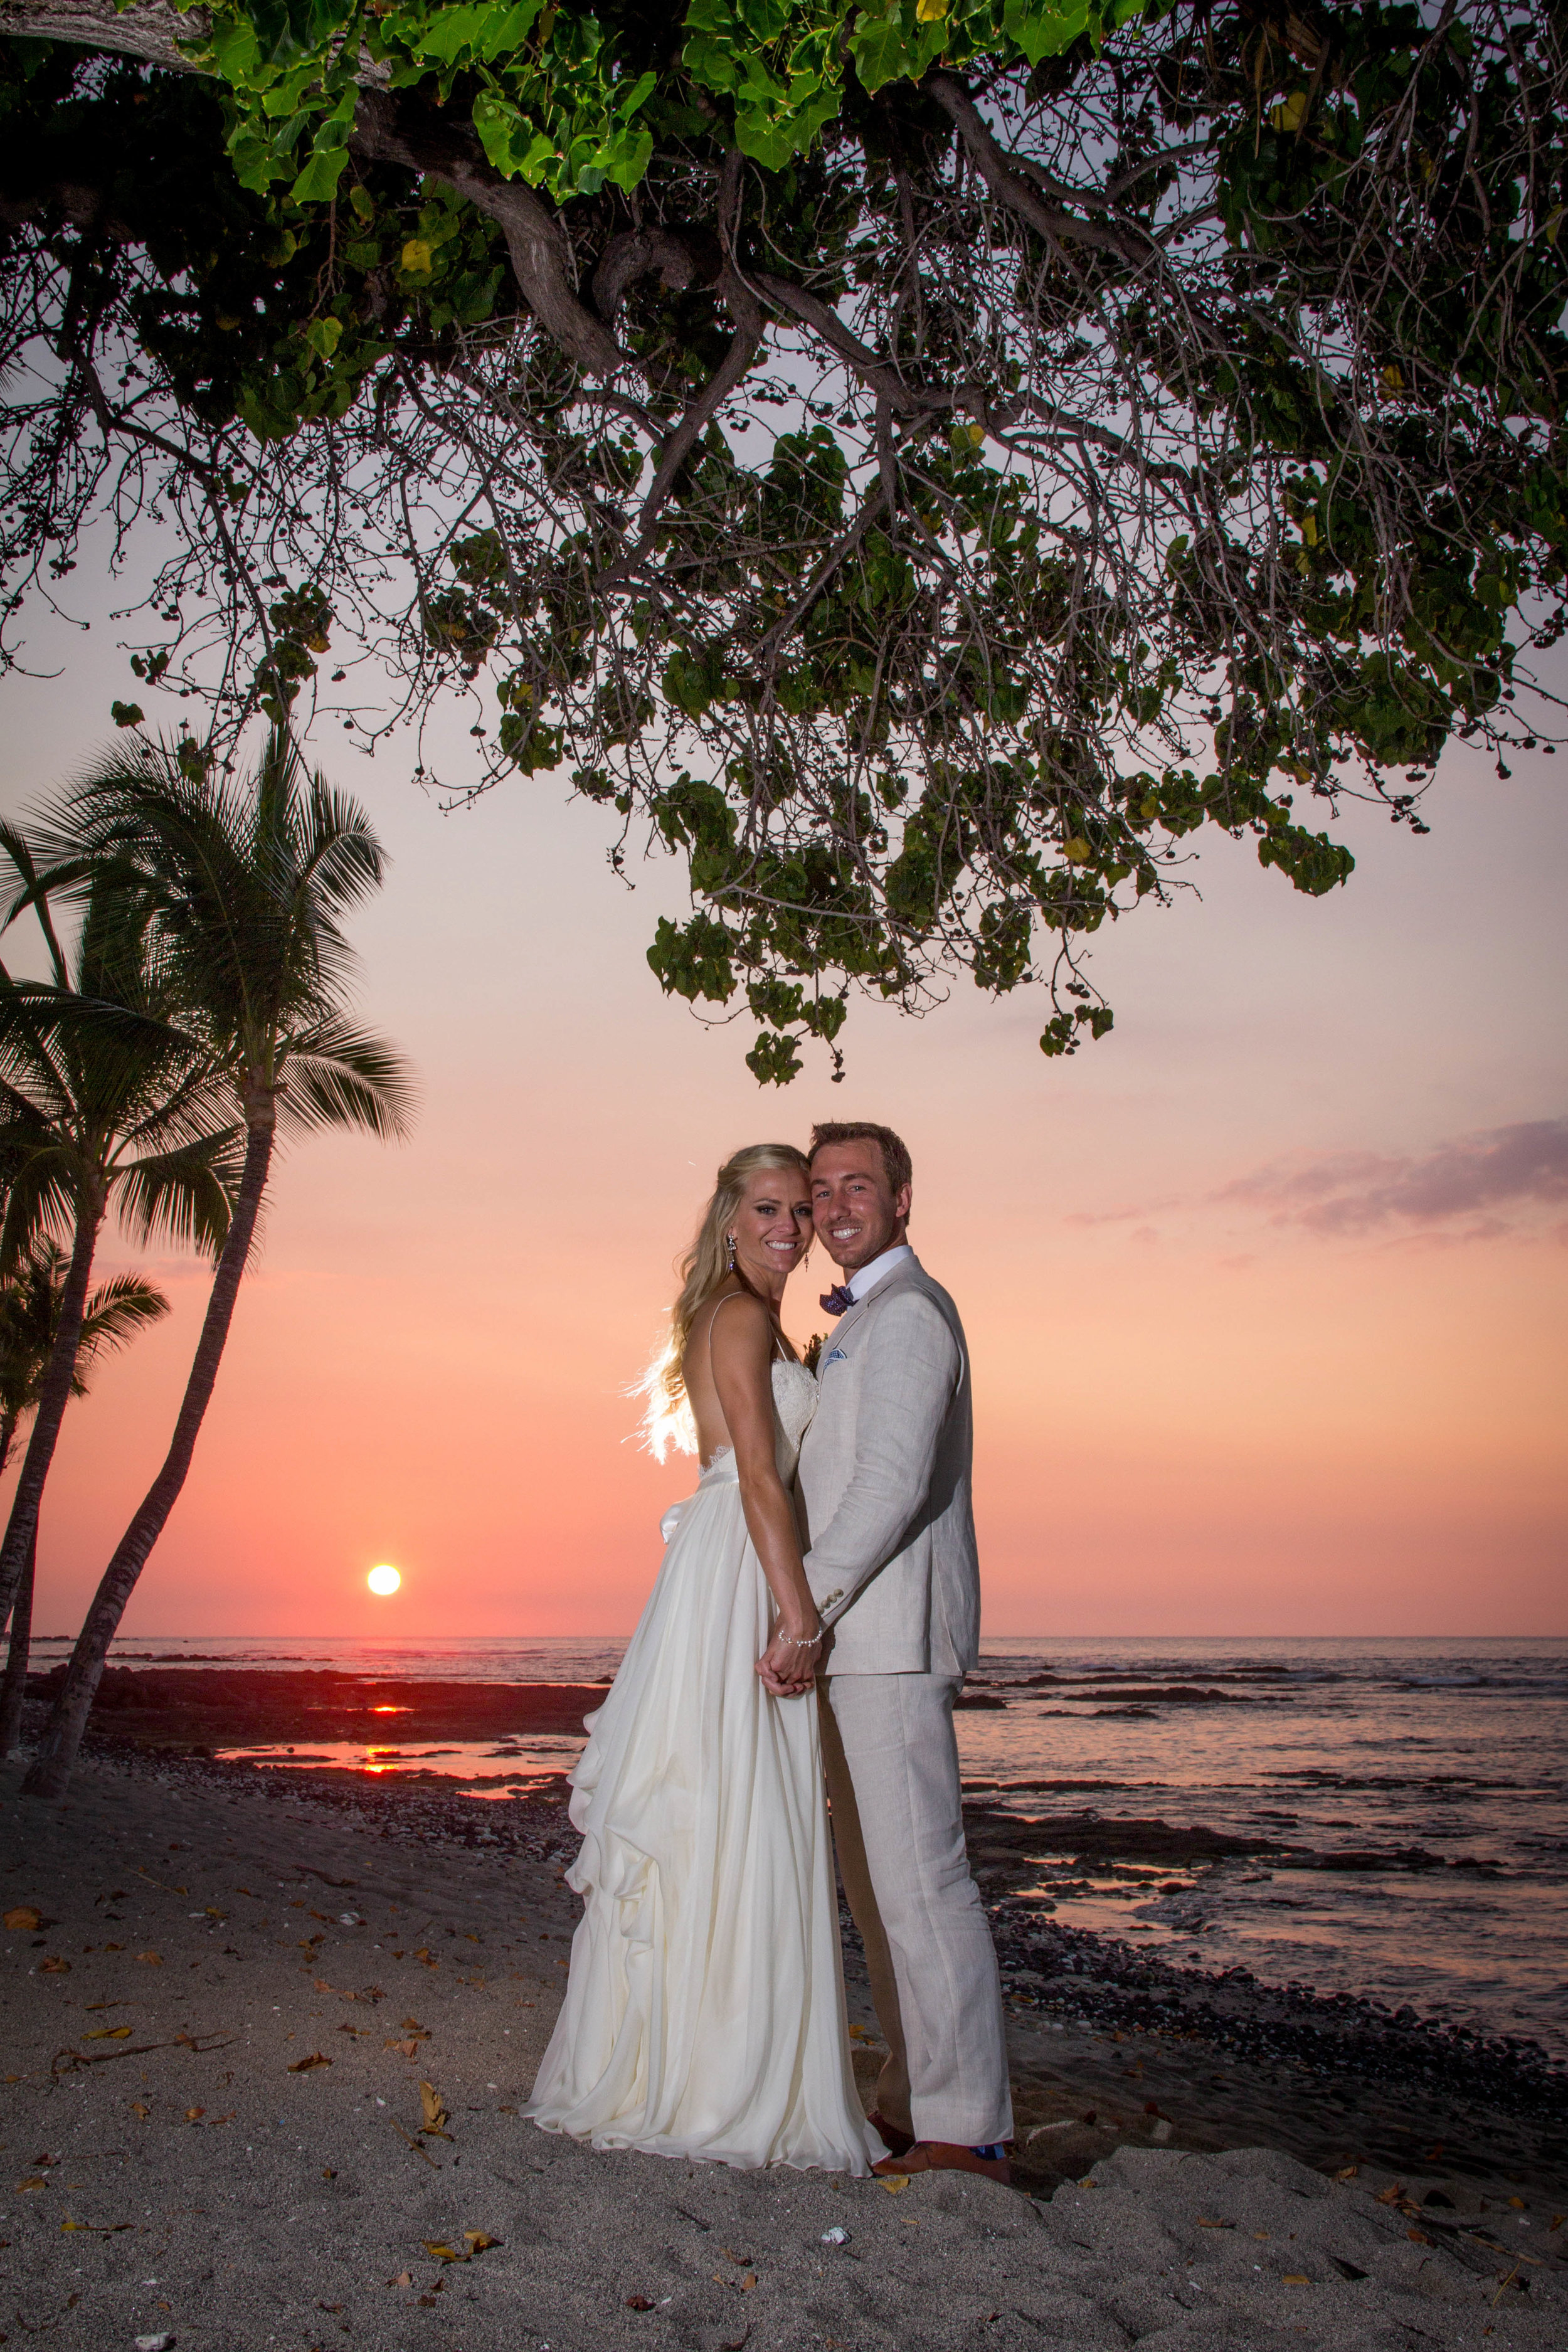 big island hawaii mauna lani resort wedding © kelilina photography 20160131180954-1.jpg